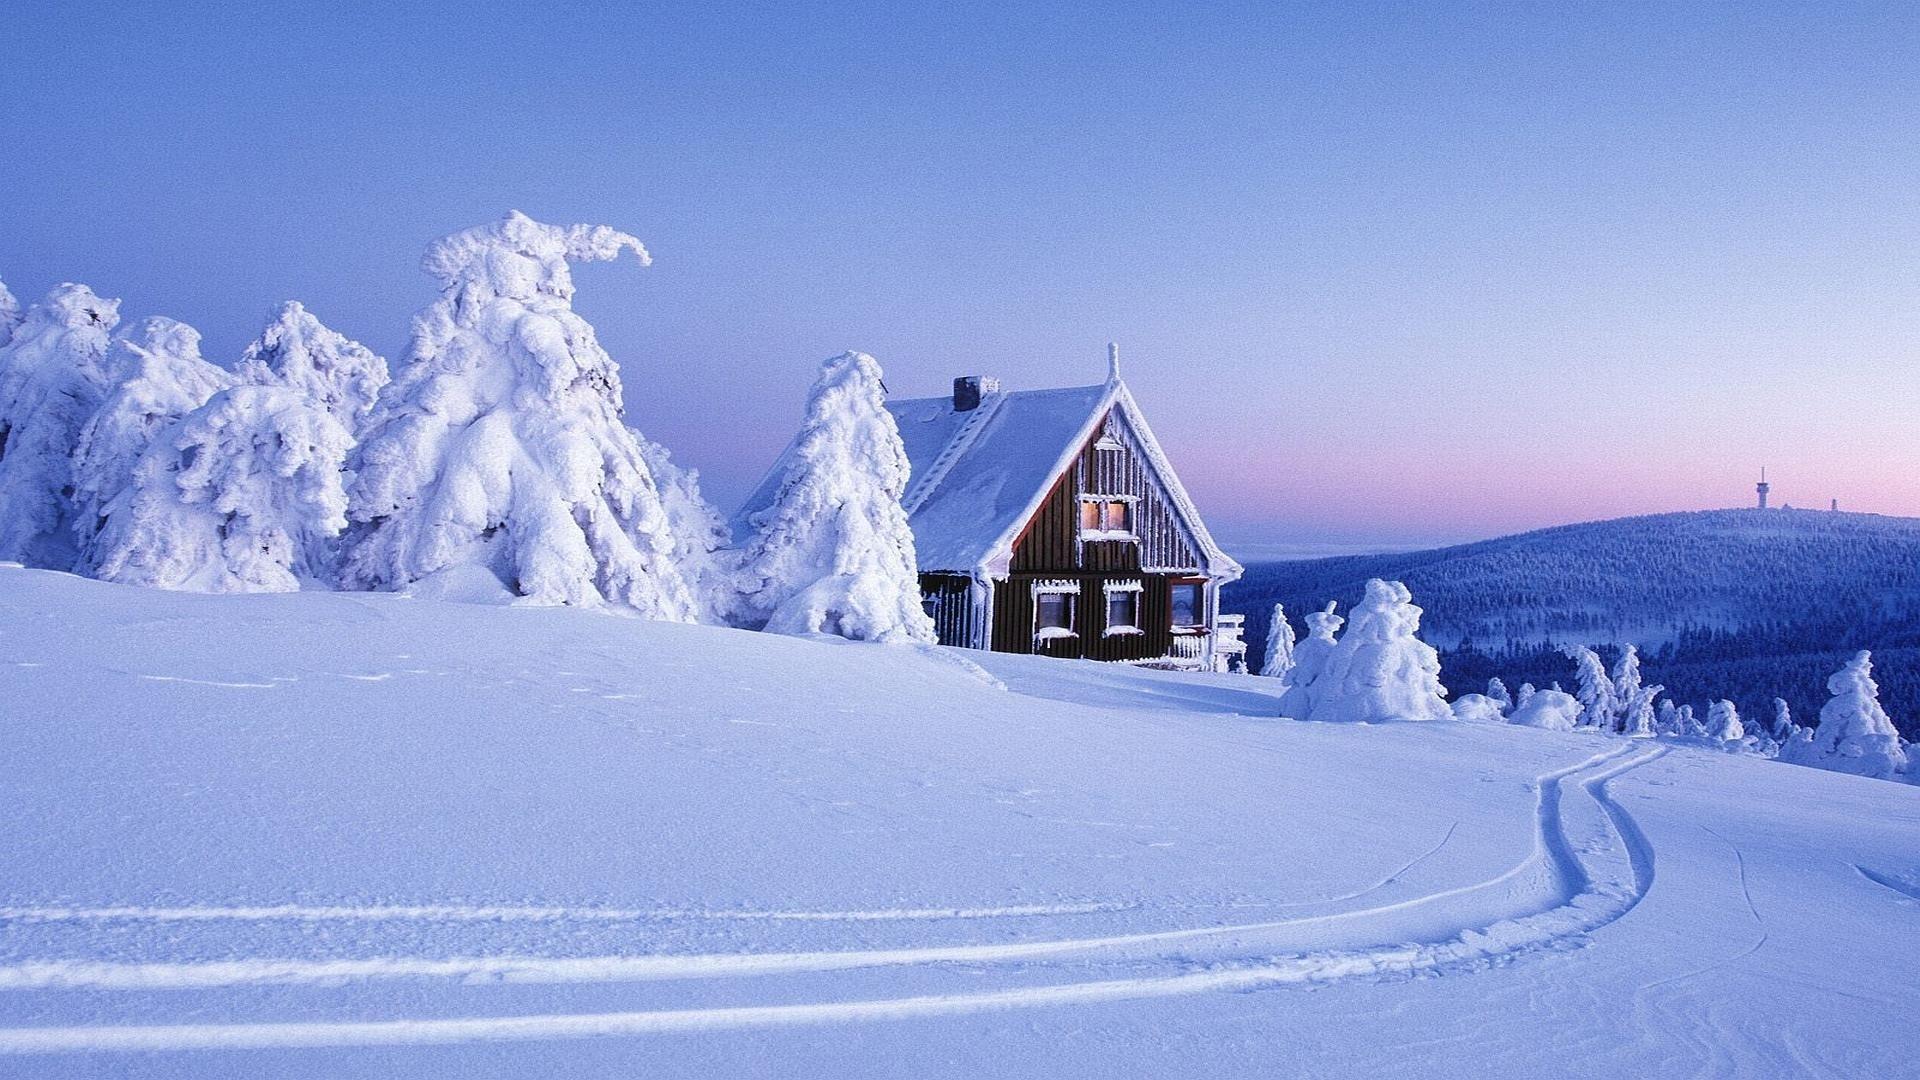 Winter Wonderland Background Wallpaper